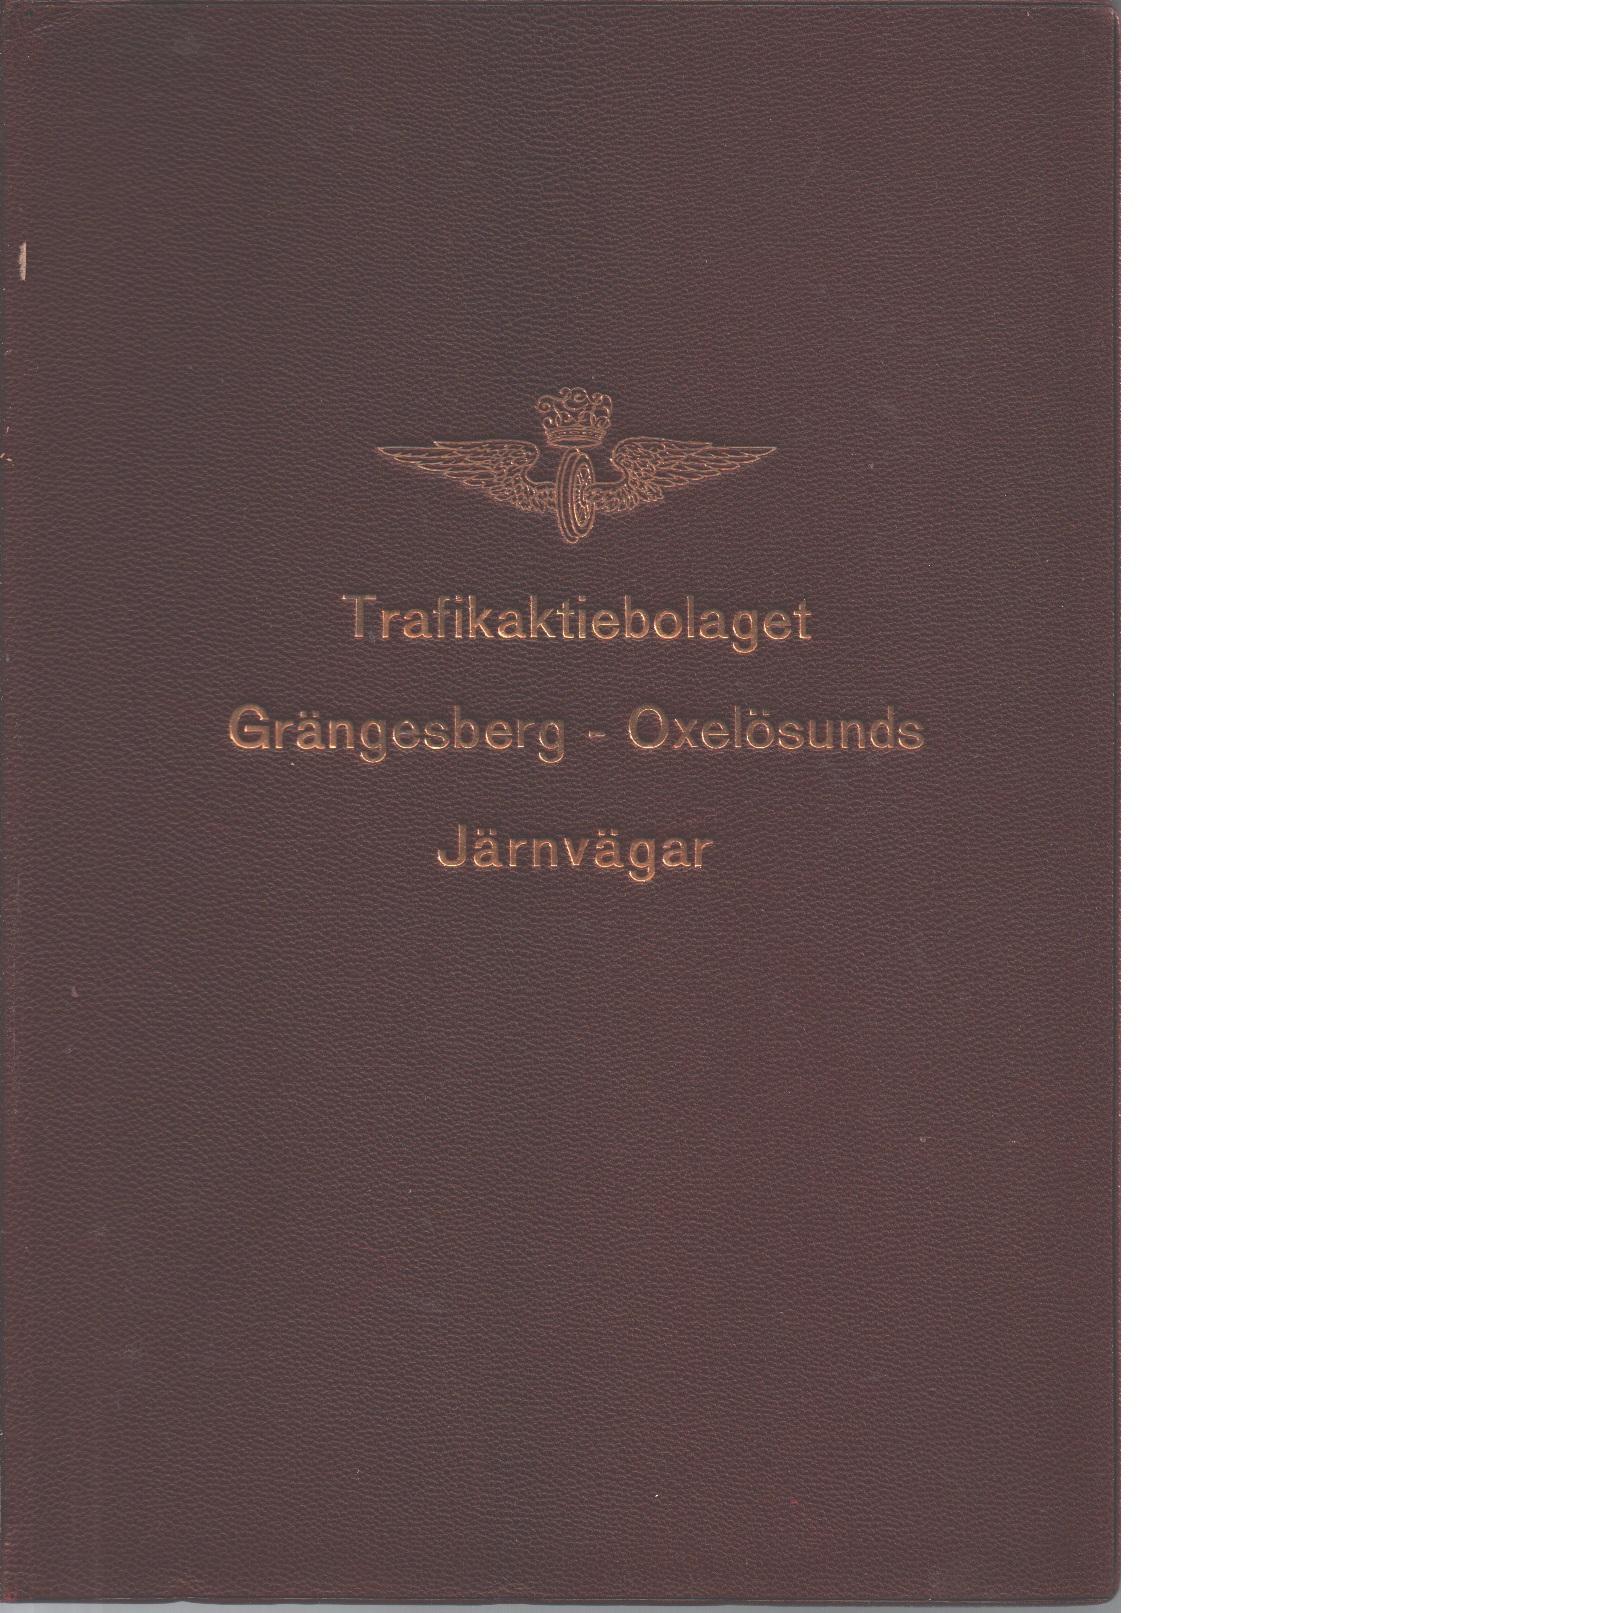 Trafikaktiebolaget Grängesberg-Oxelösunds järnvägar. 1, historik - Red. Trafikaktiebolaget Grängesberg-oxelösunds Järnvägar